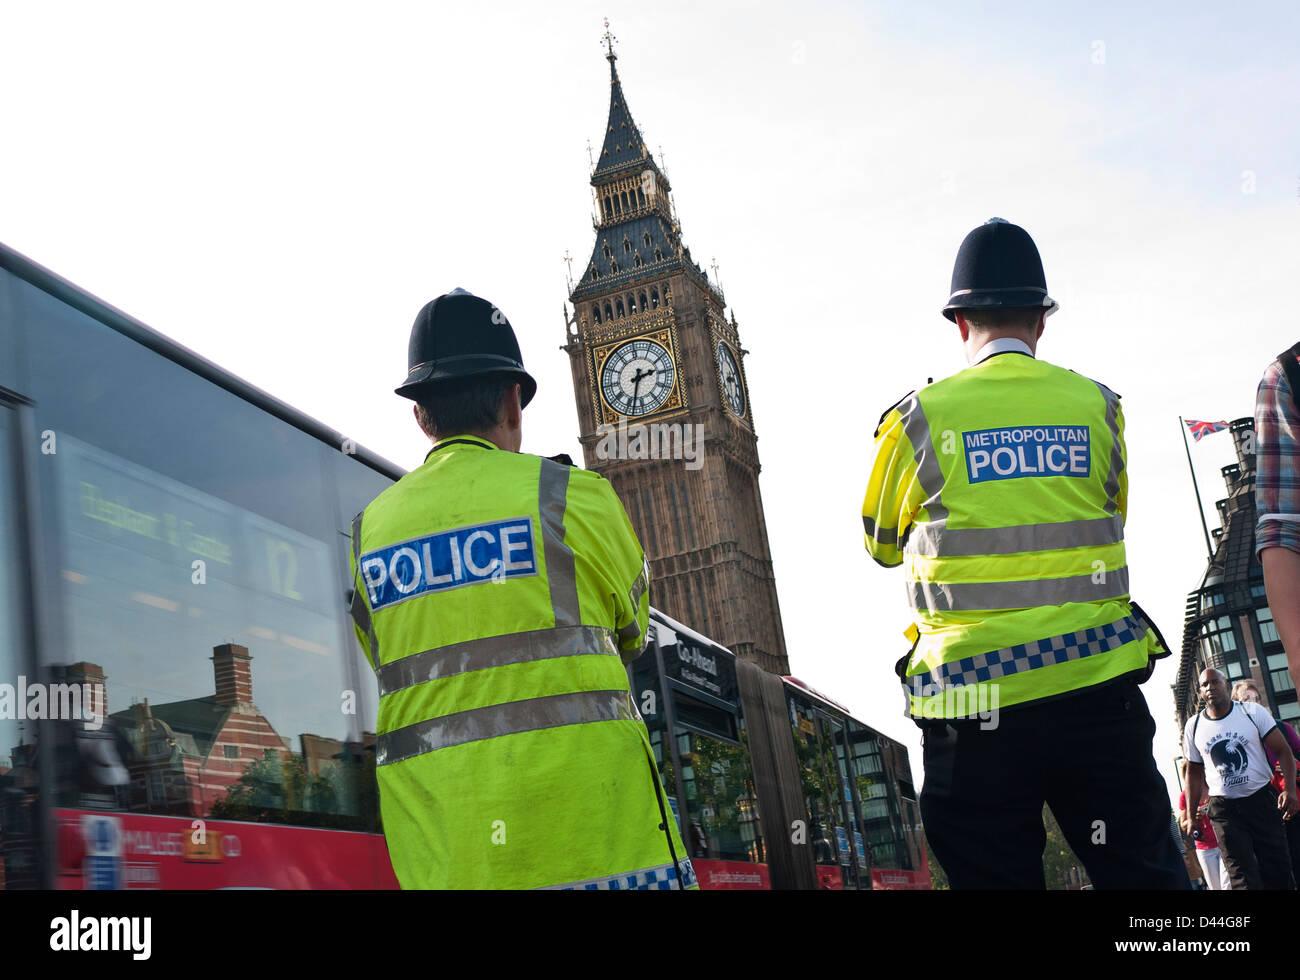 Funcionarios de la Policía Metropolitana de guardia en el puente de Westminster las Casas del Parlamento, Londres, Imagen De Stock